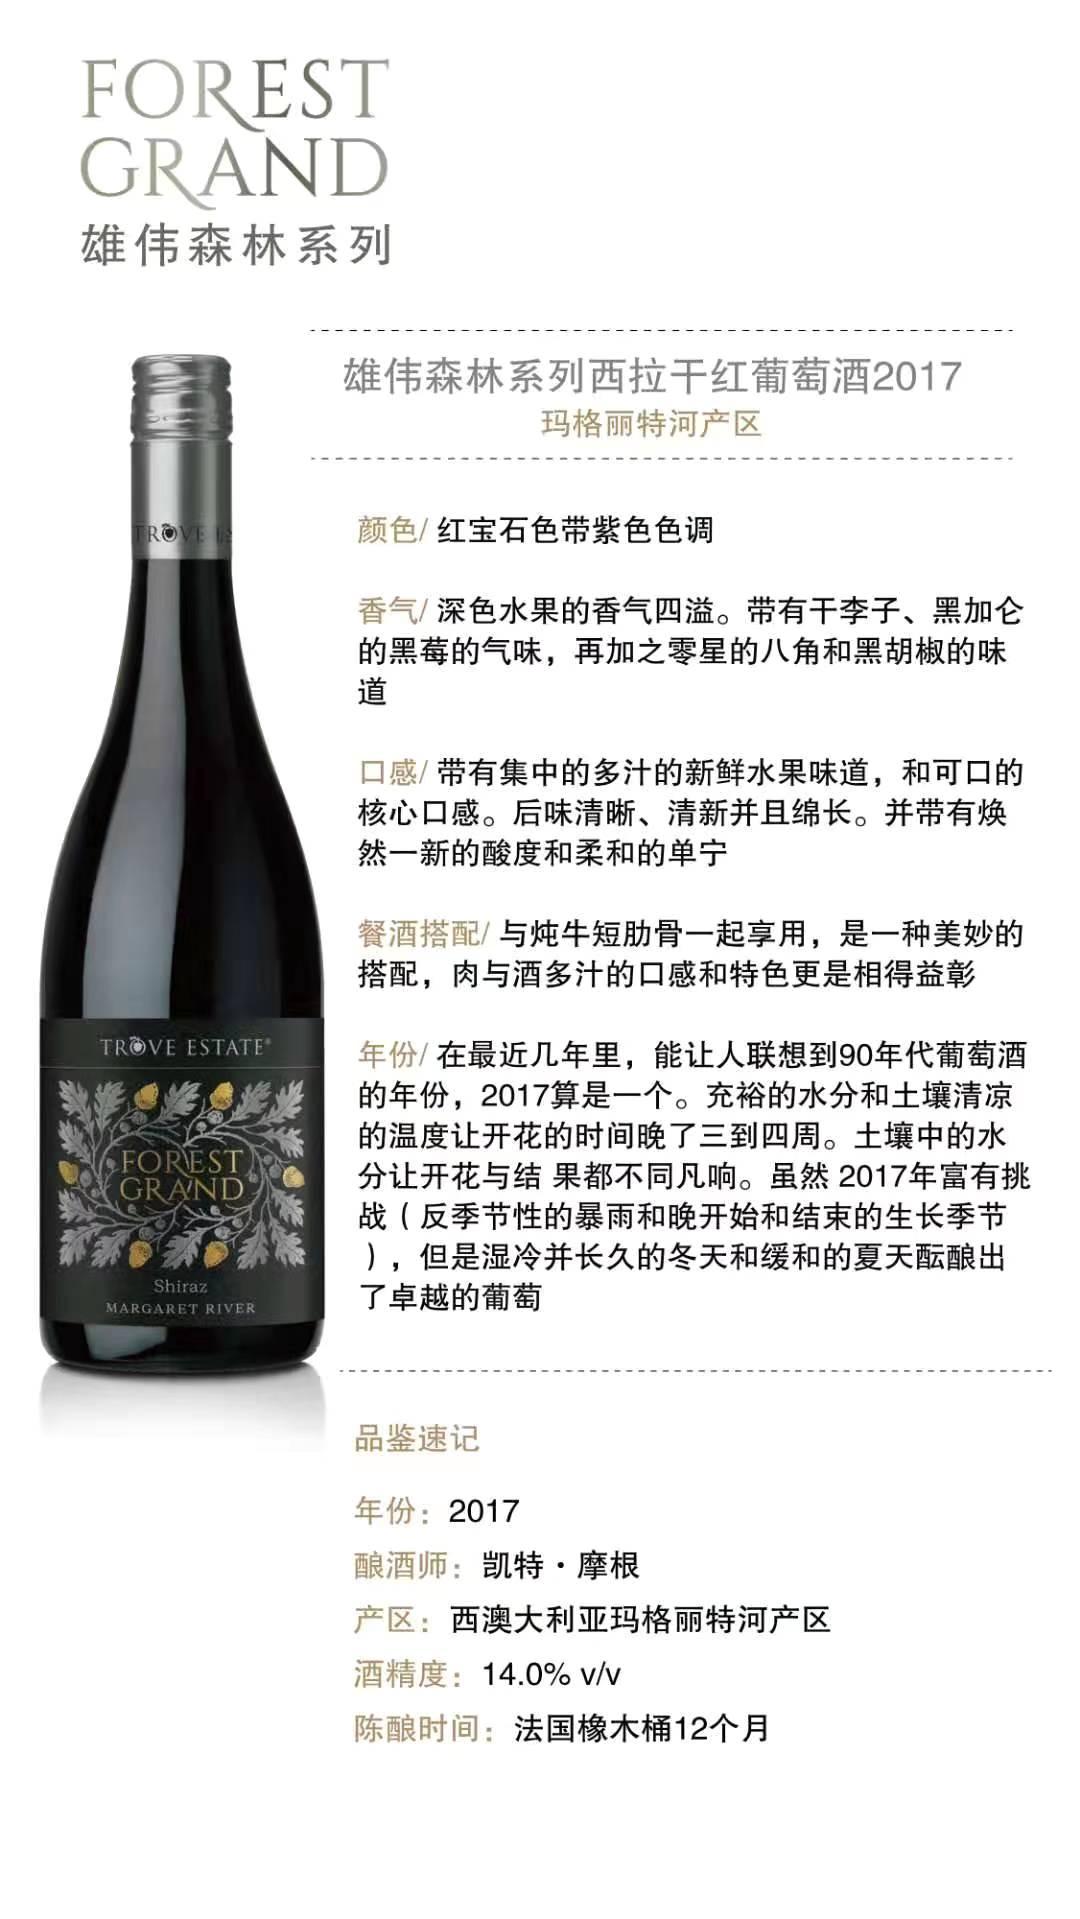 雄伟森林系列西拉干红葡萄酒2017